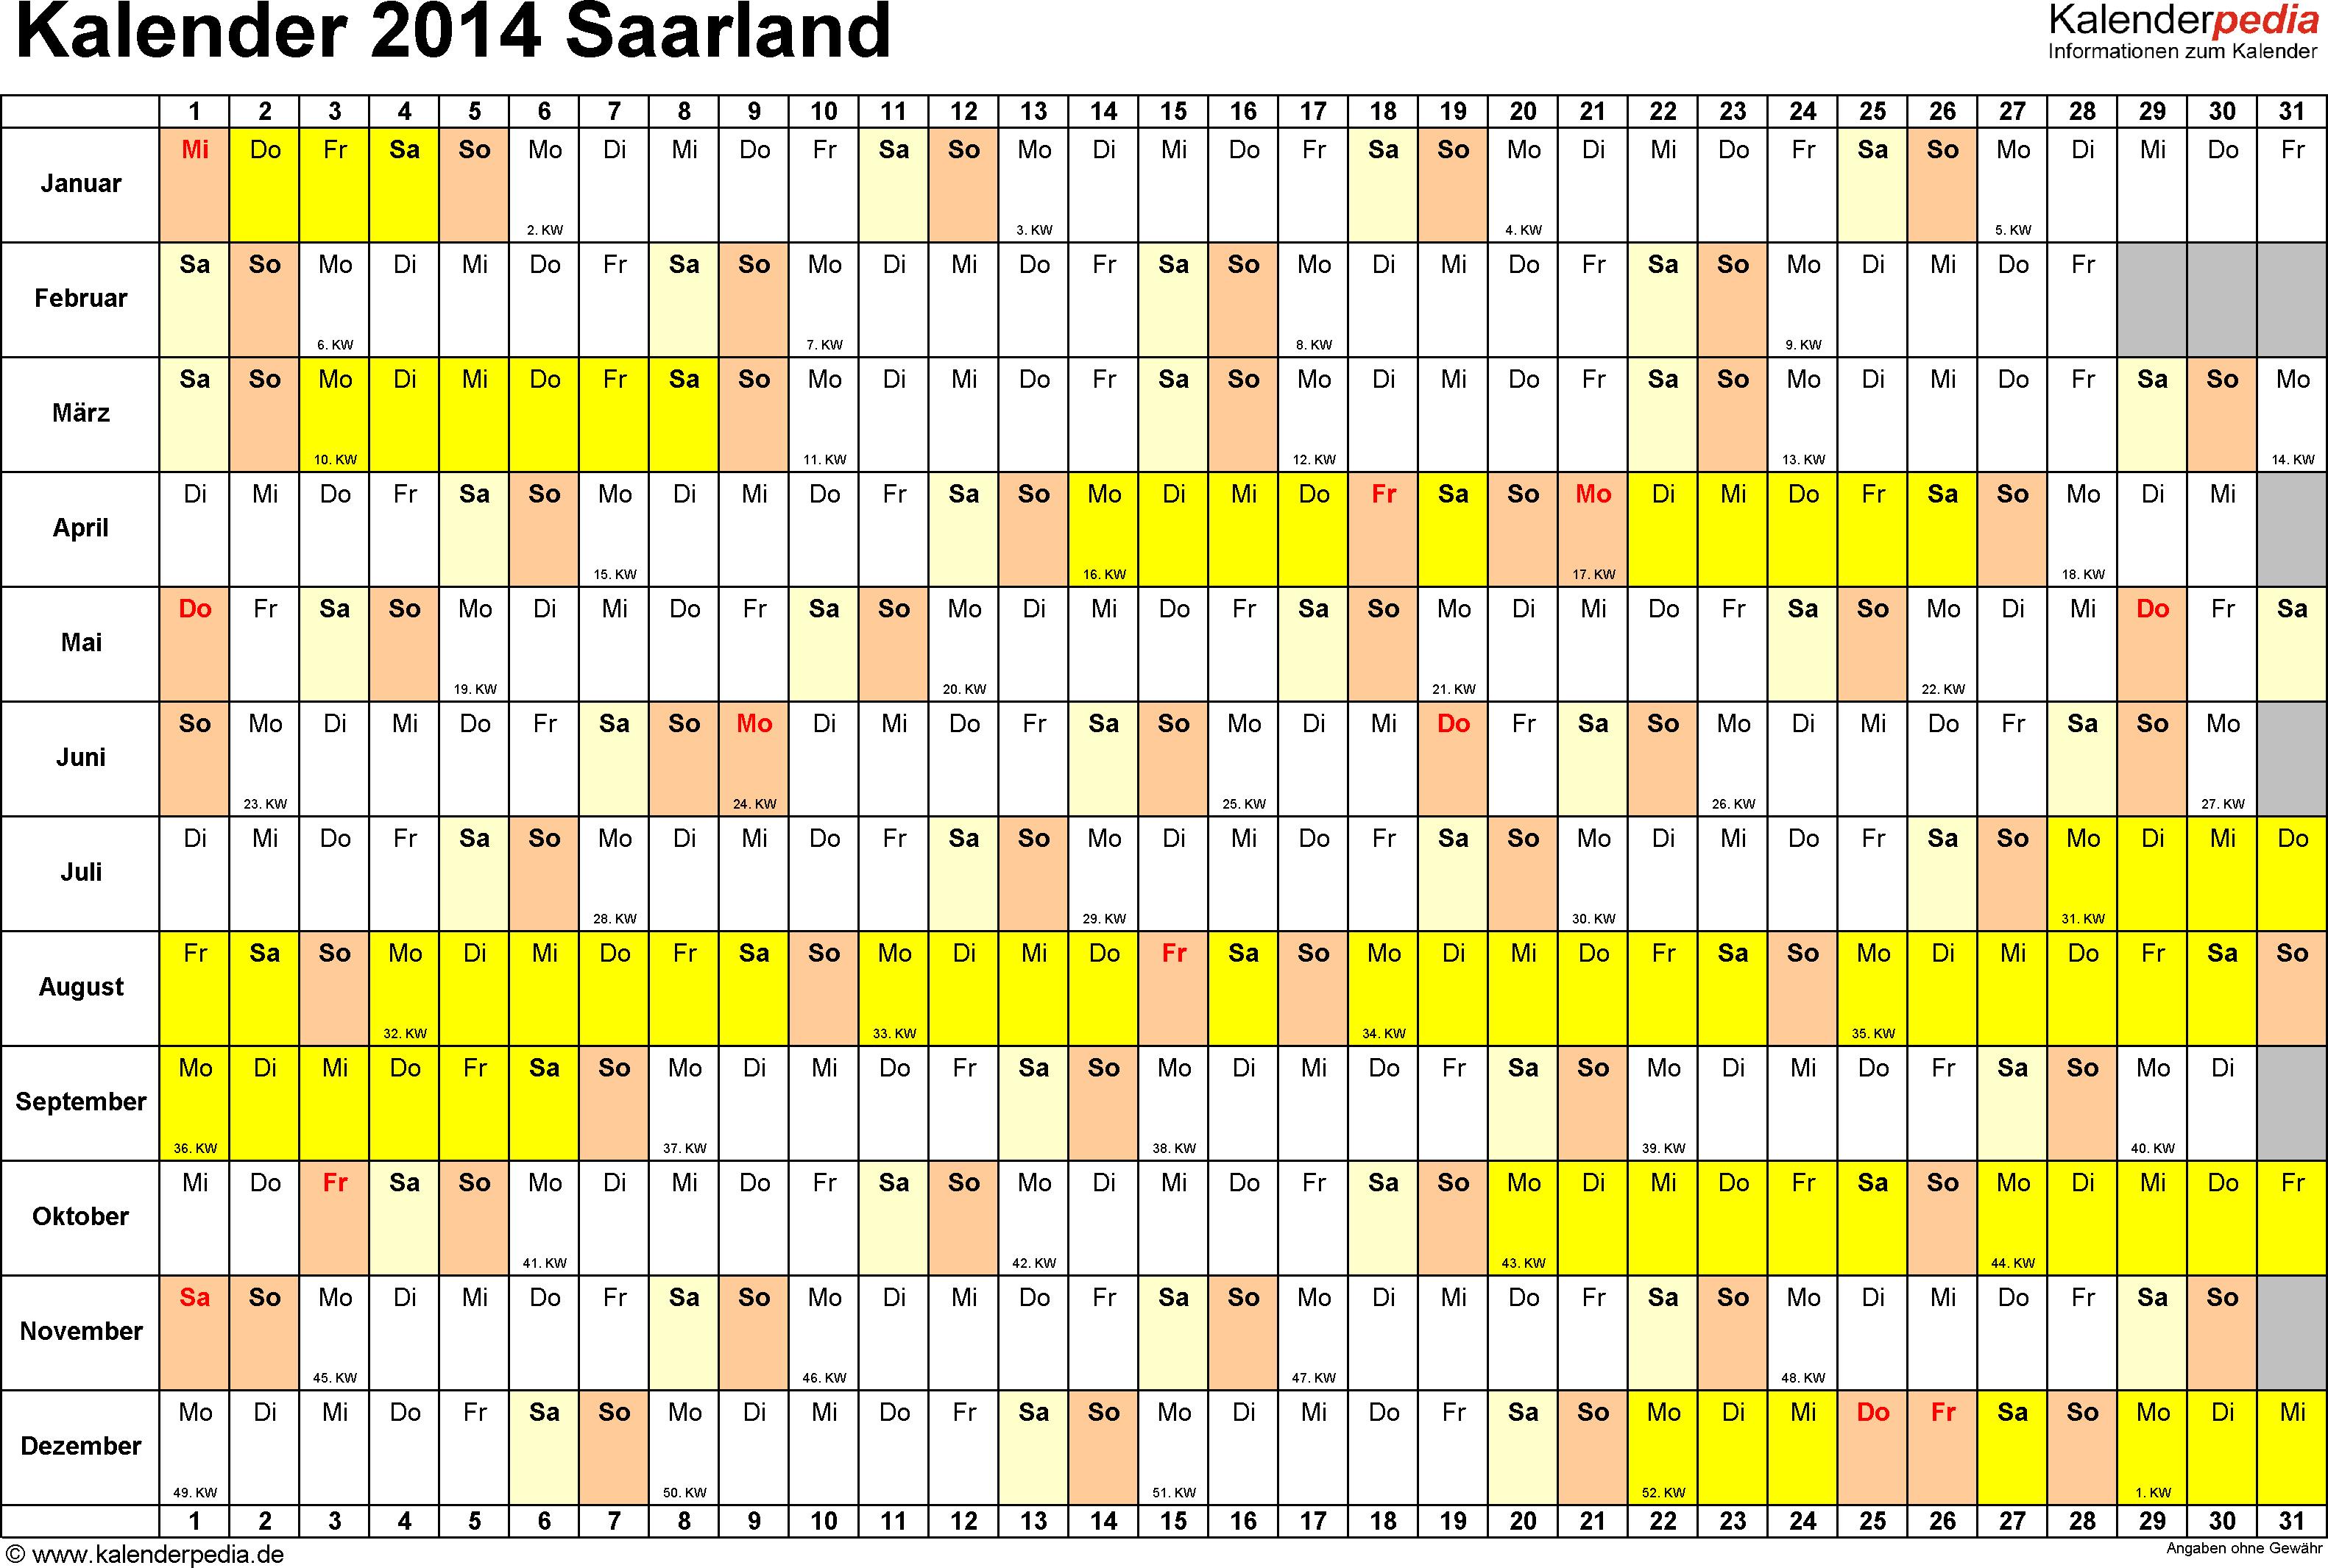 Vorlage 3: Kalender Saarland 2014 im Querformat, Tage nebeneinander